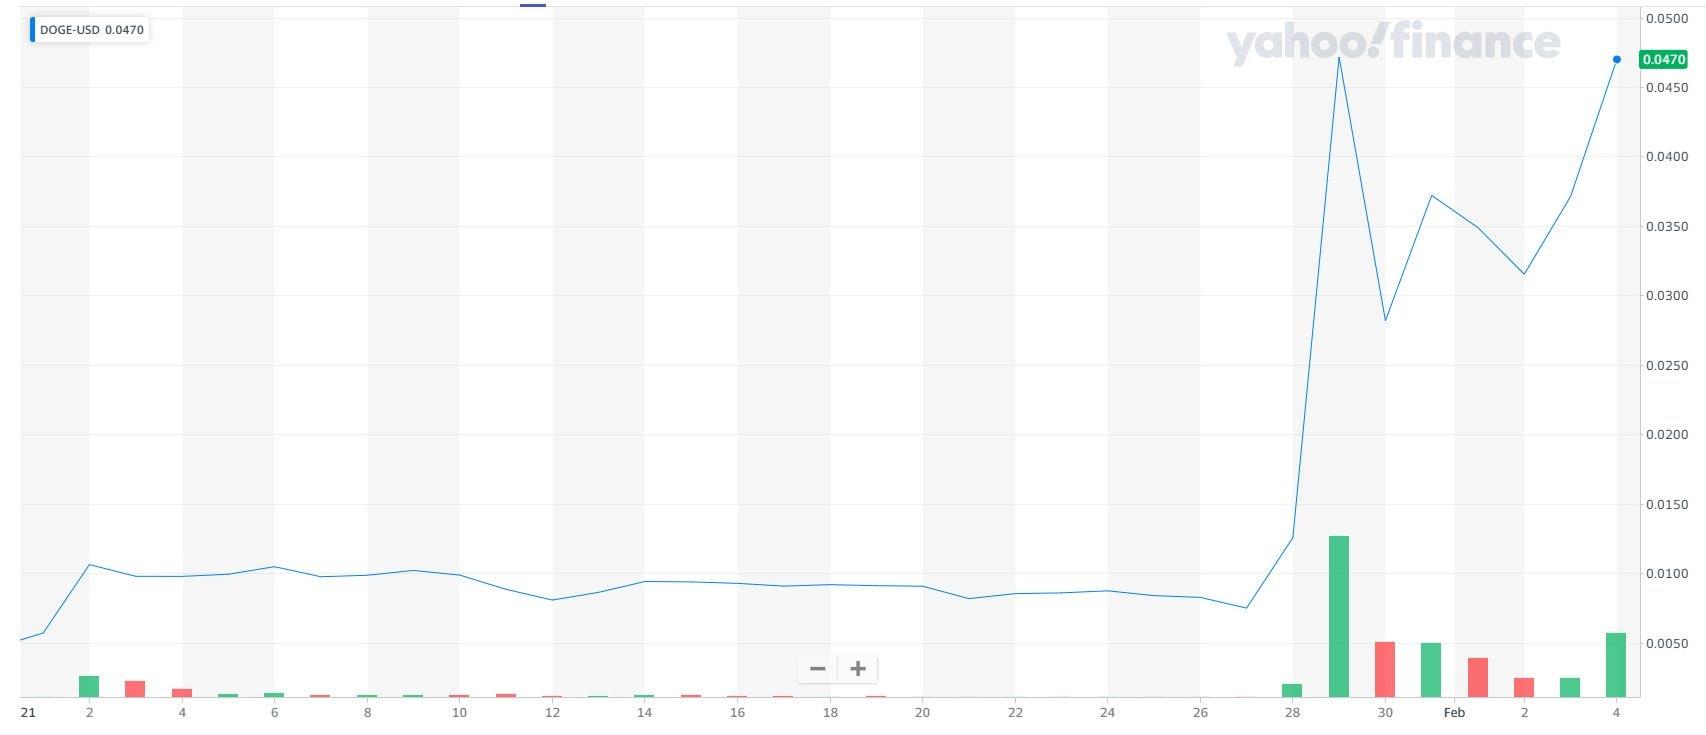 Il valore della criptovaluta Dogecoin dall'inizio dell'anno. (Foto: Yahoo)